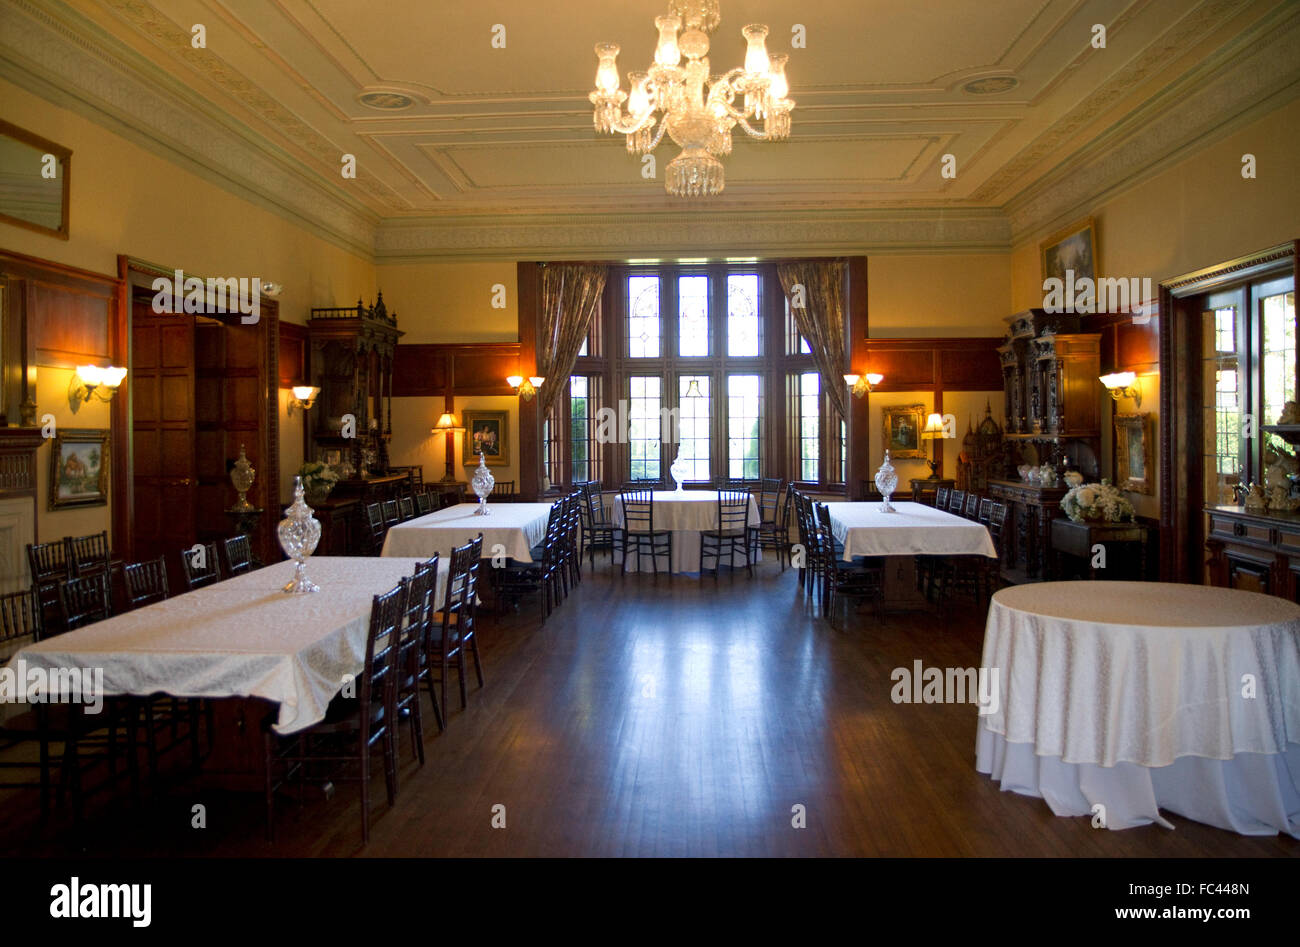 Interior of Thornewood Castle in Lakewood, Washington, USA. - Stock Image